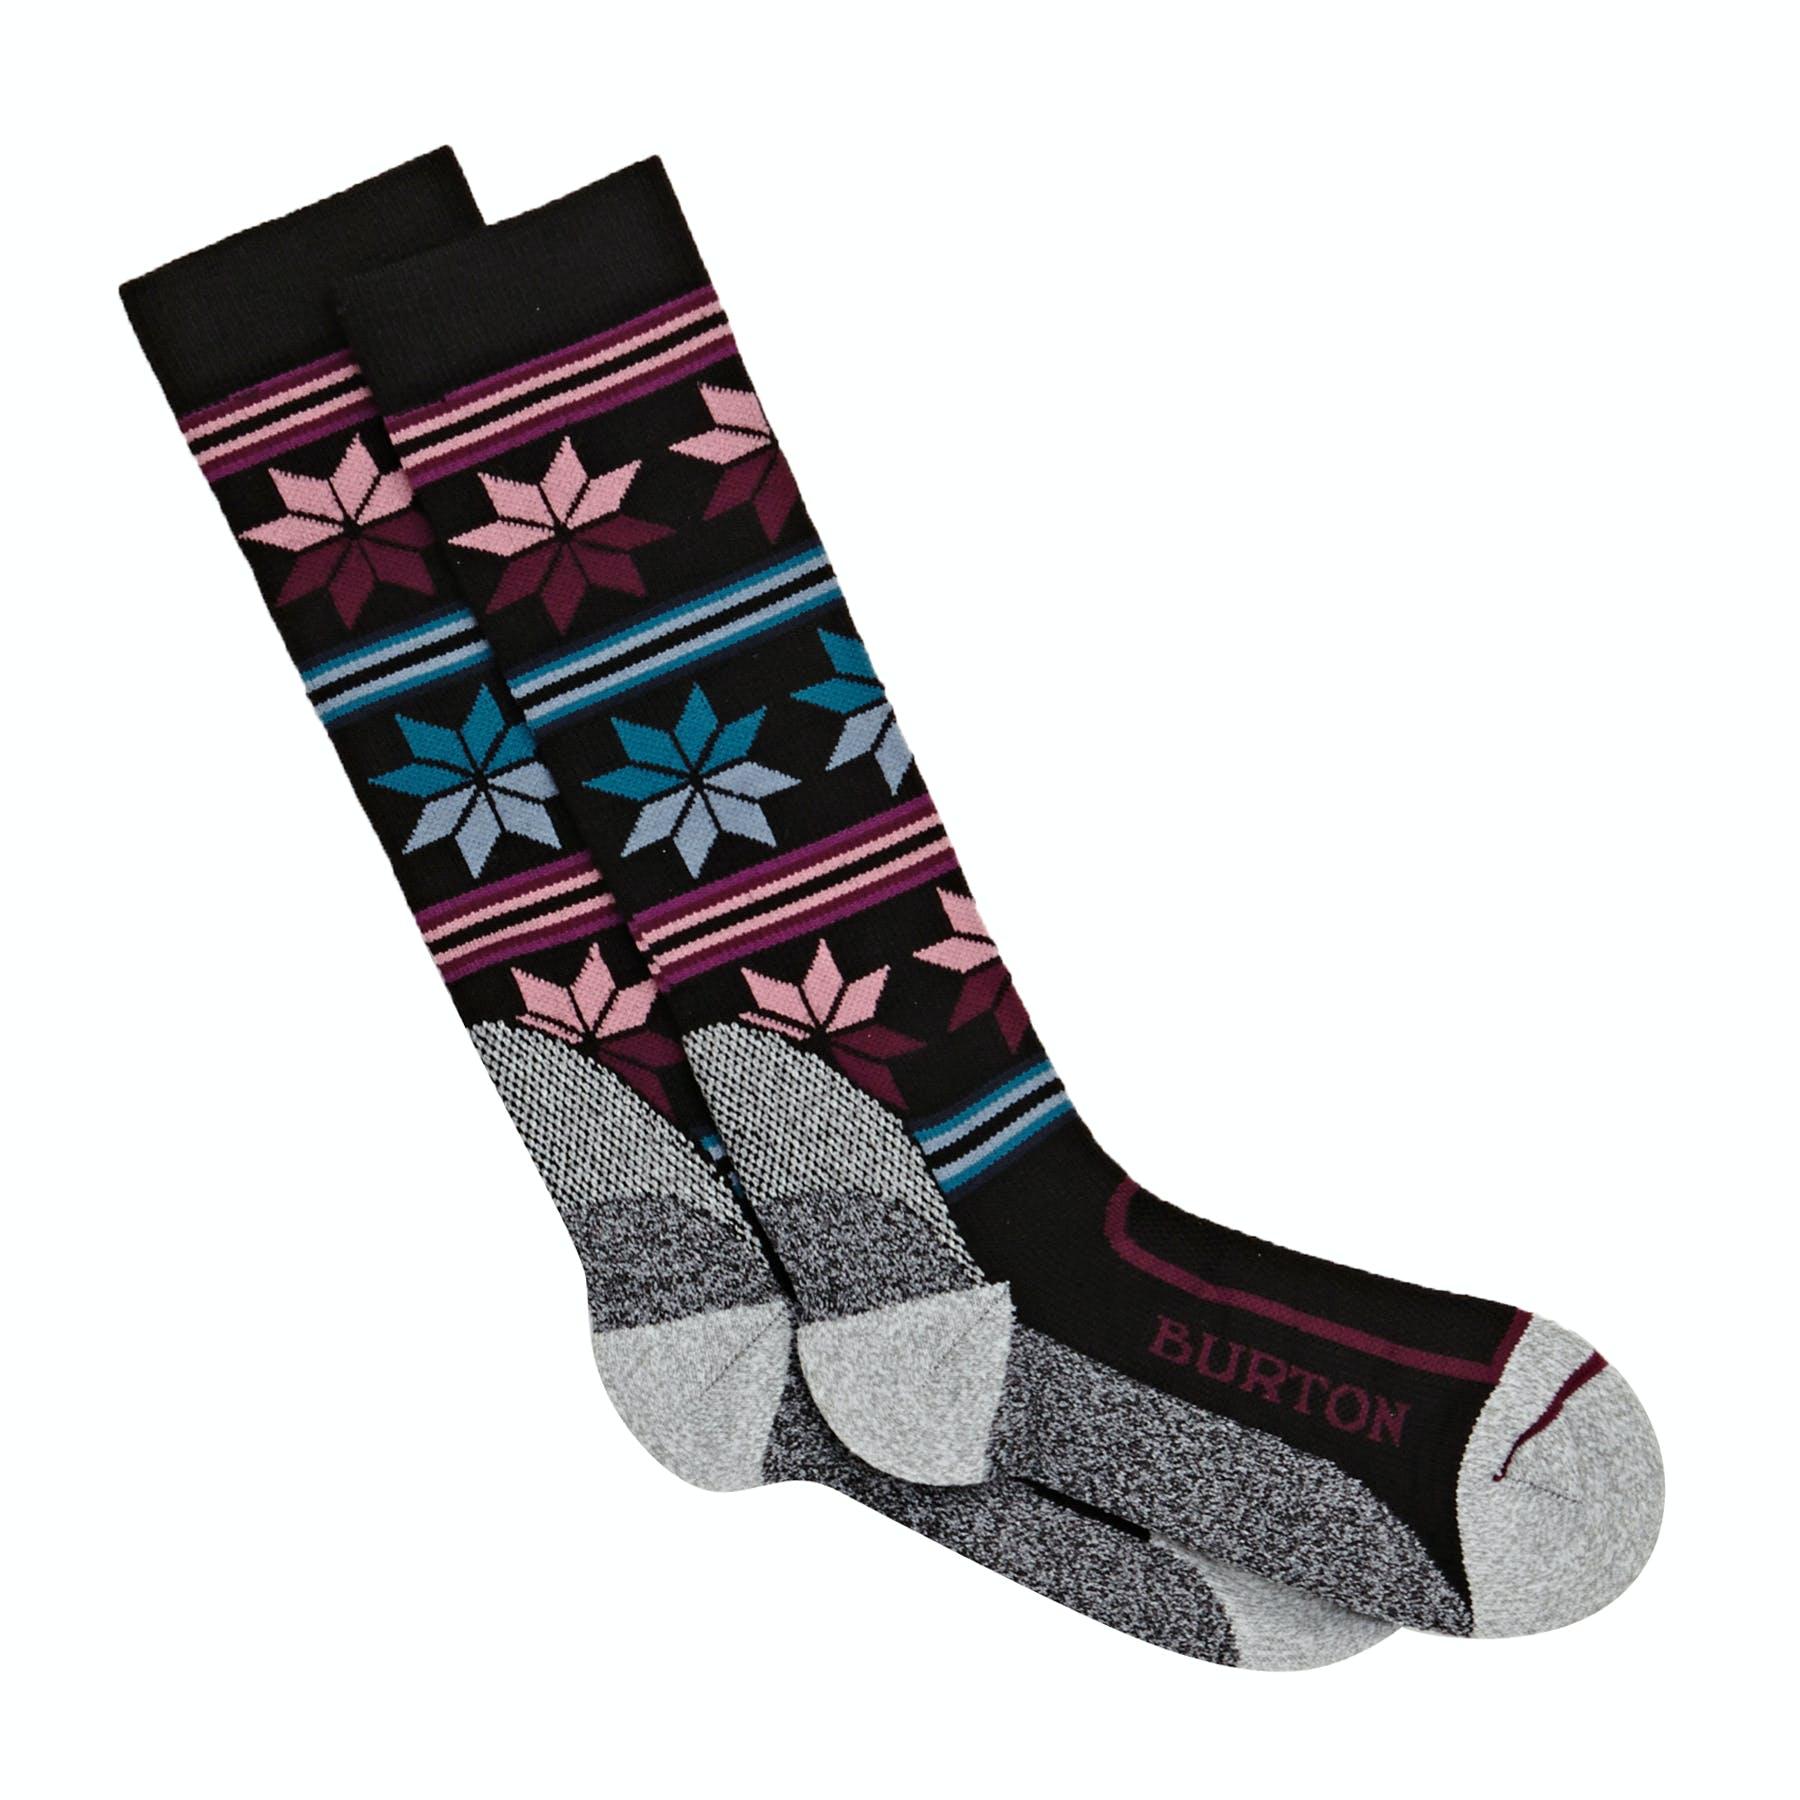 Burton Ultralight Wool Womens Snow Socks